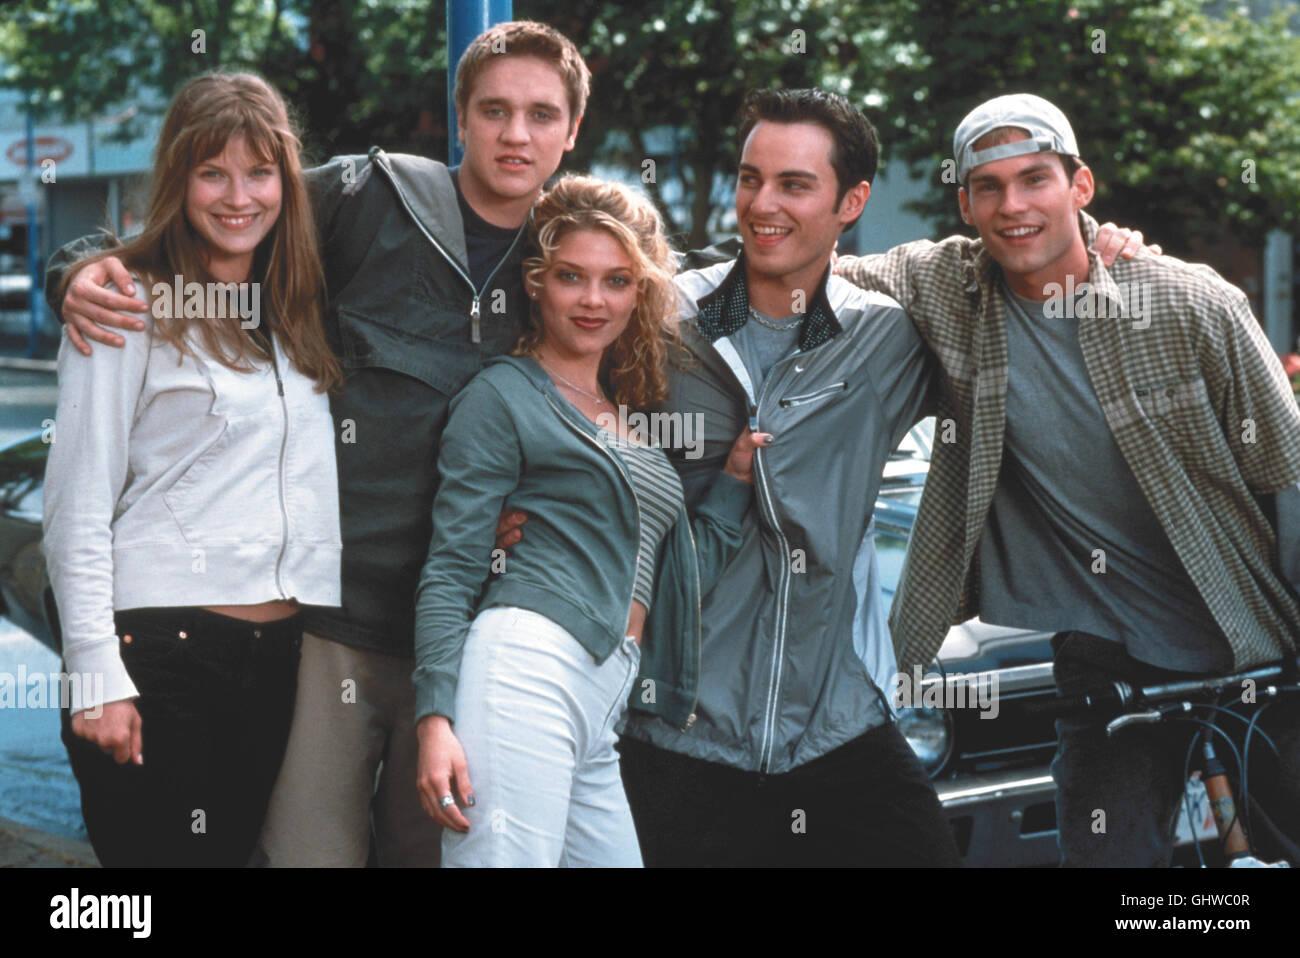 FINAL DESTINATION ALI LARTER als Claire, DEVON SAWA als Alex, AMANDA DETMER als Terry, CAD E. DONELLA als Tod, SEANN - Stock Image